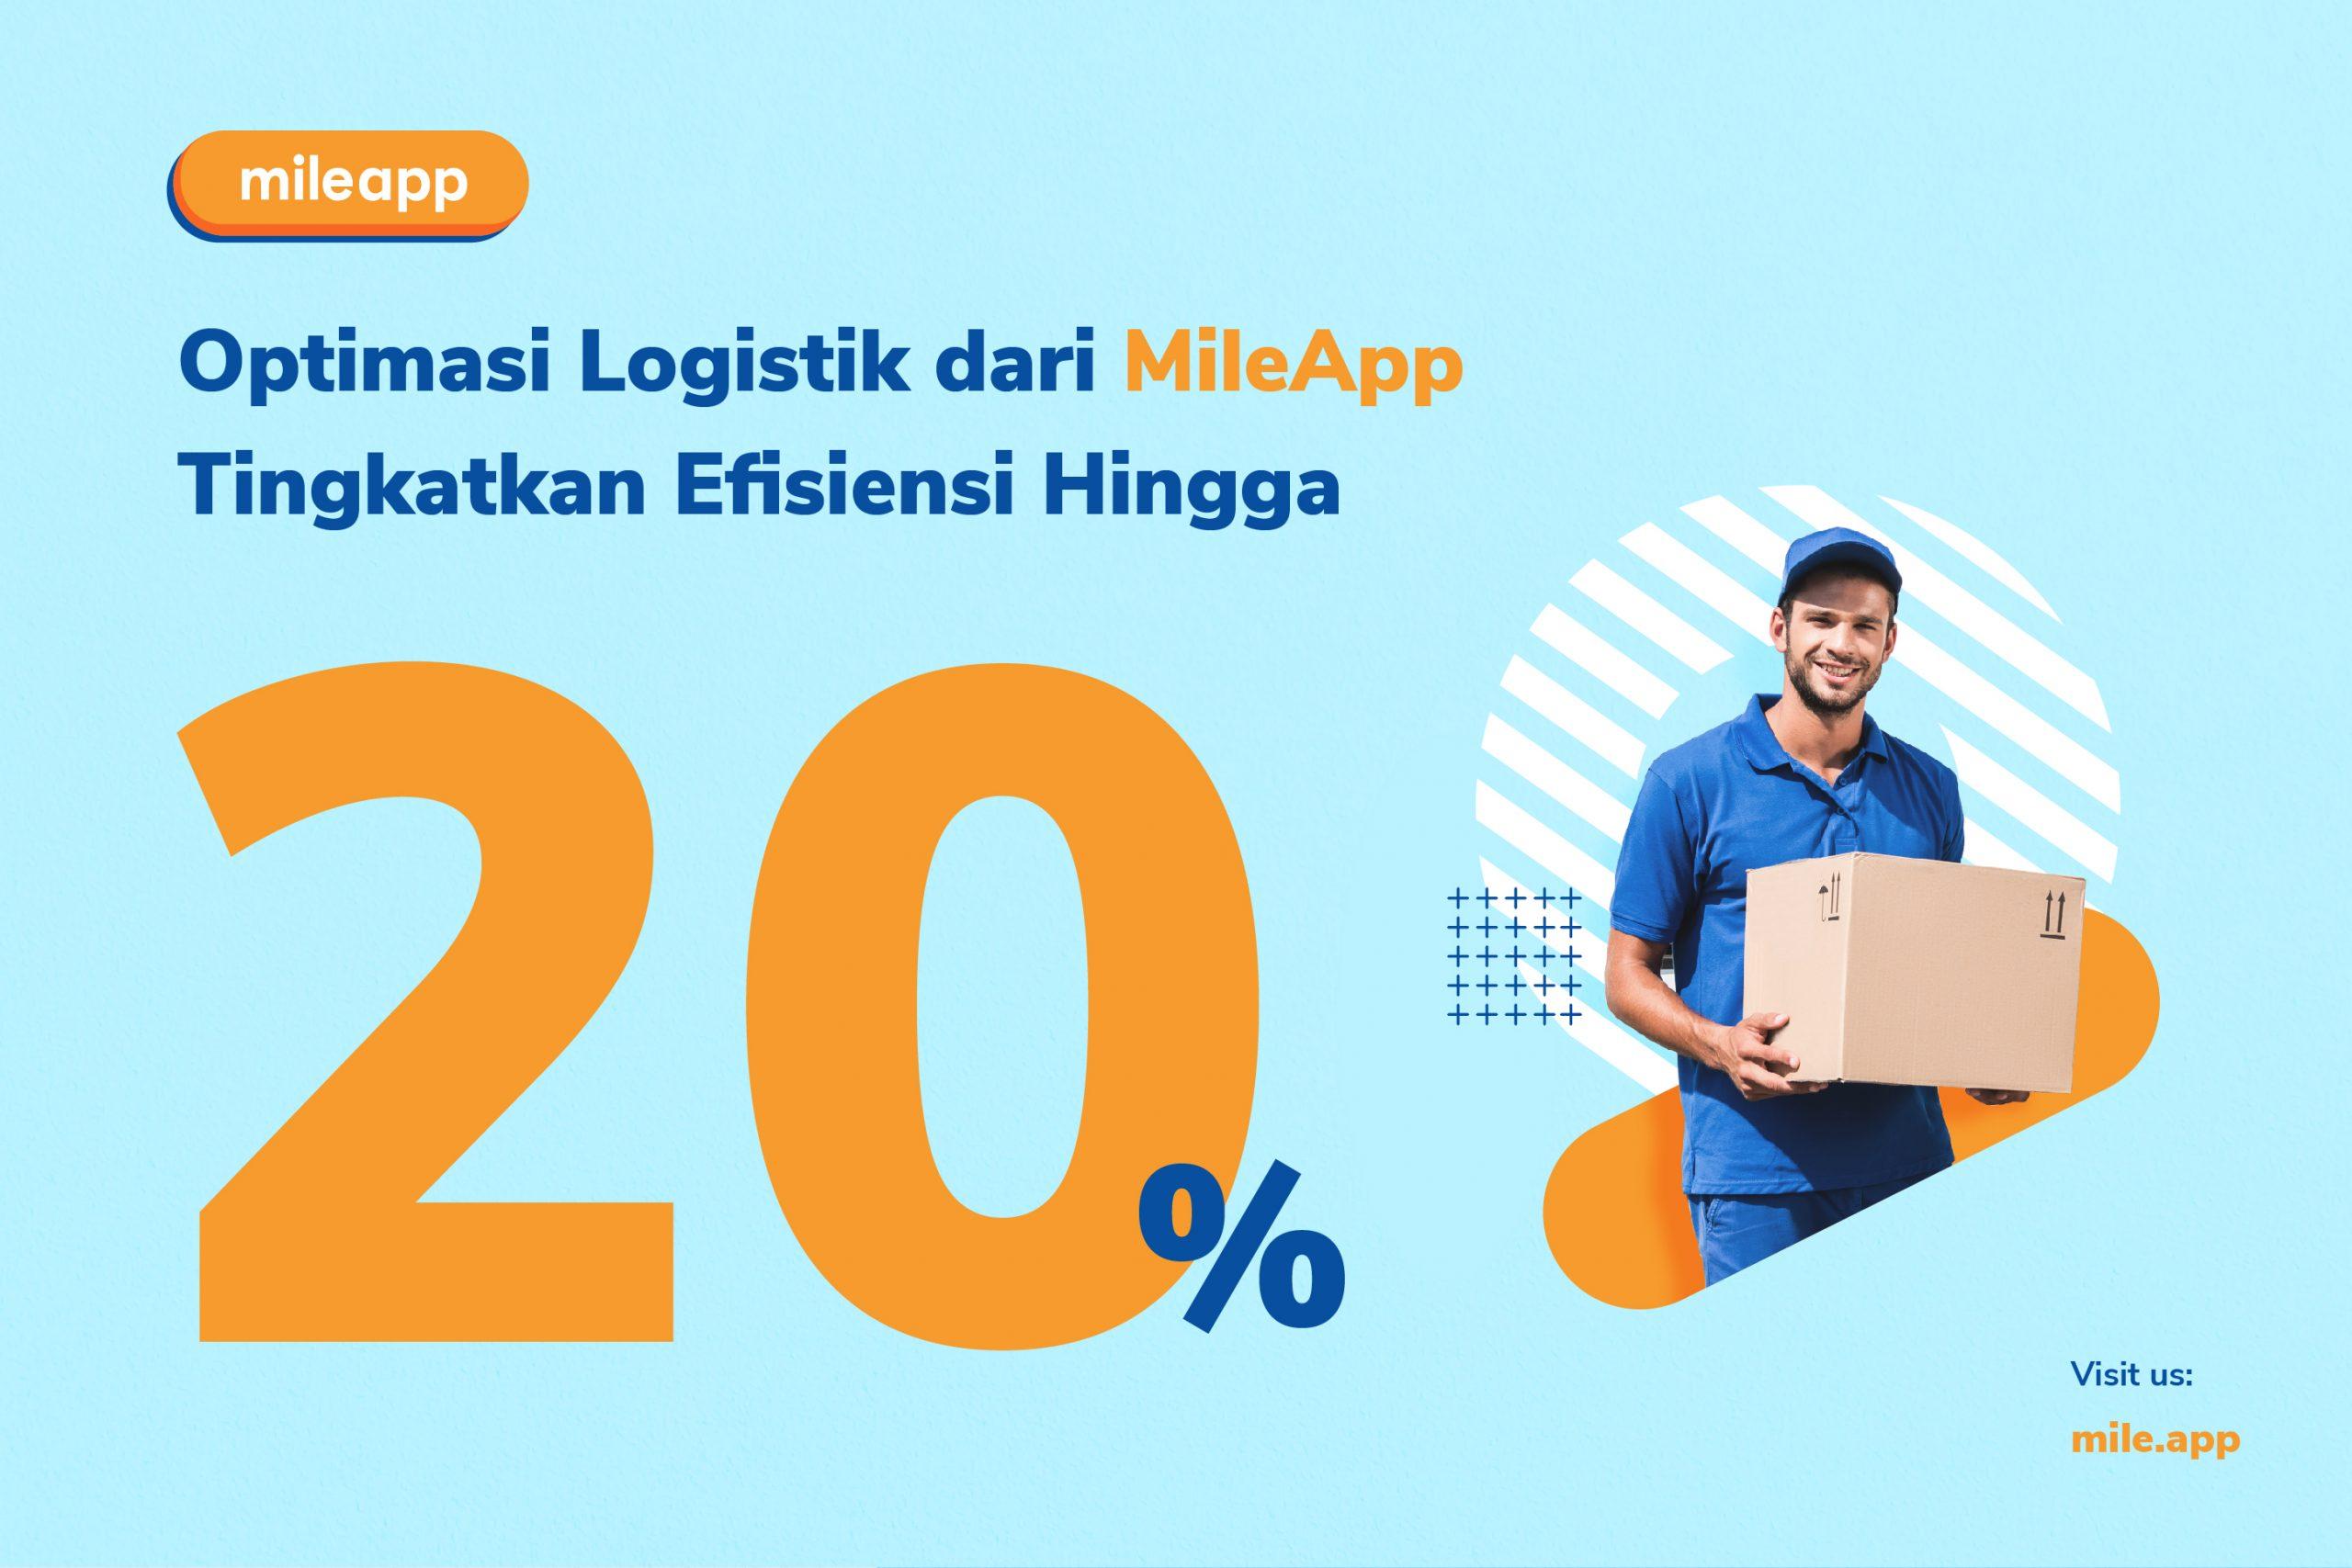 Optimasi Logistik dari MileApp Tingkatkan Efisiensi Hingga 20%